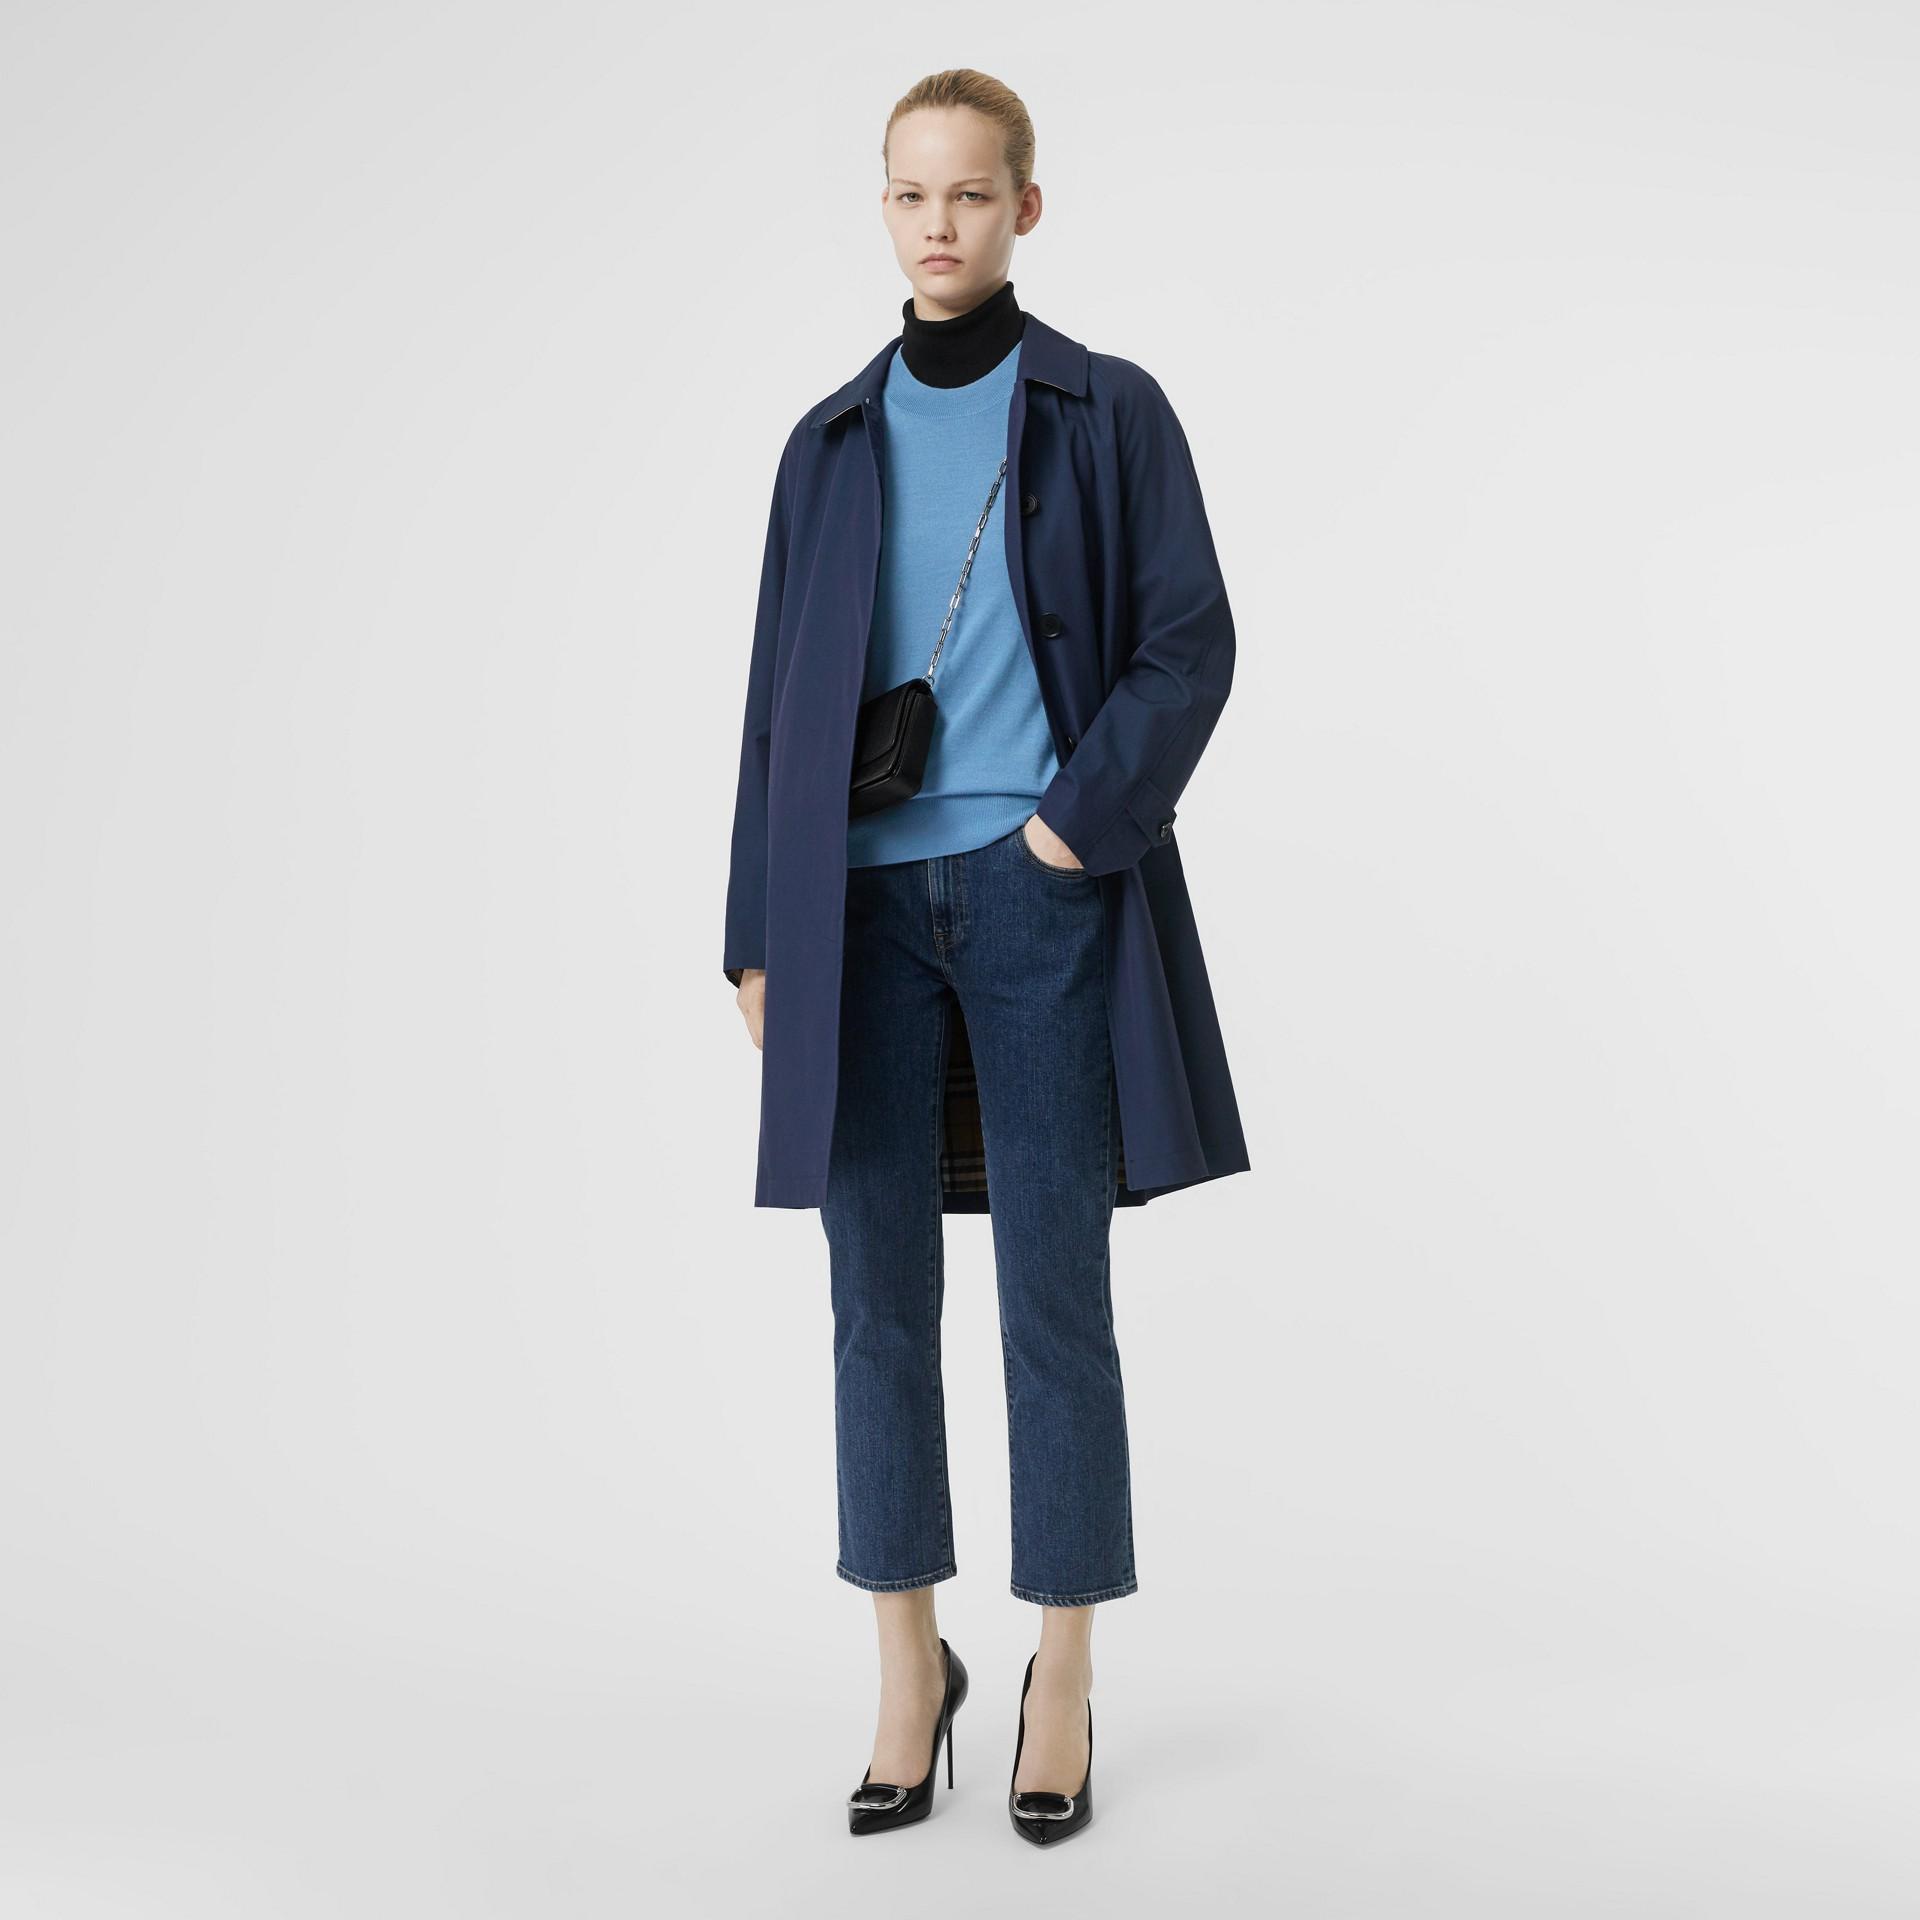 徽標細節設計美麗諾羊毛套頭衫 (鵝卵石藍) - 女款 | Burberry - 圖庫照片 4